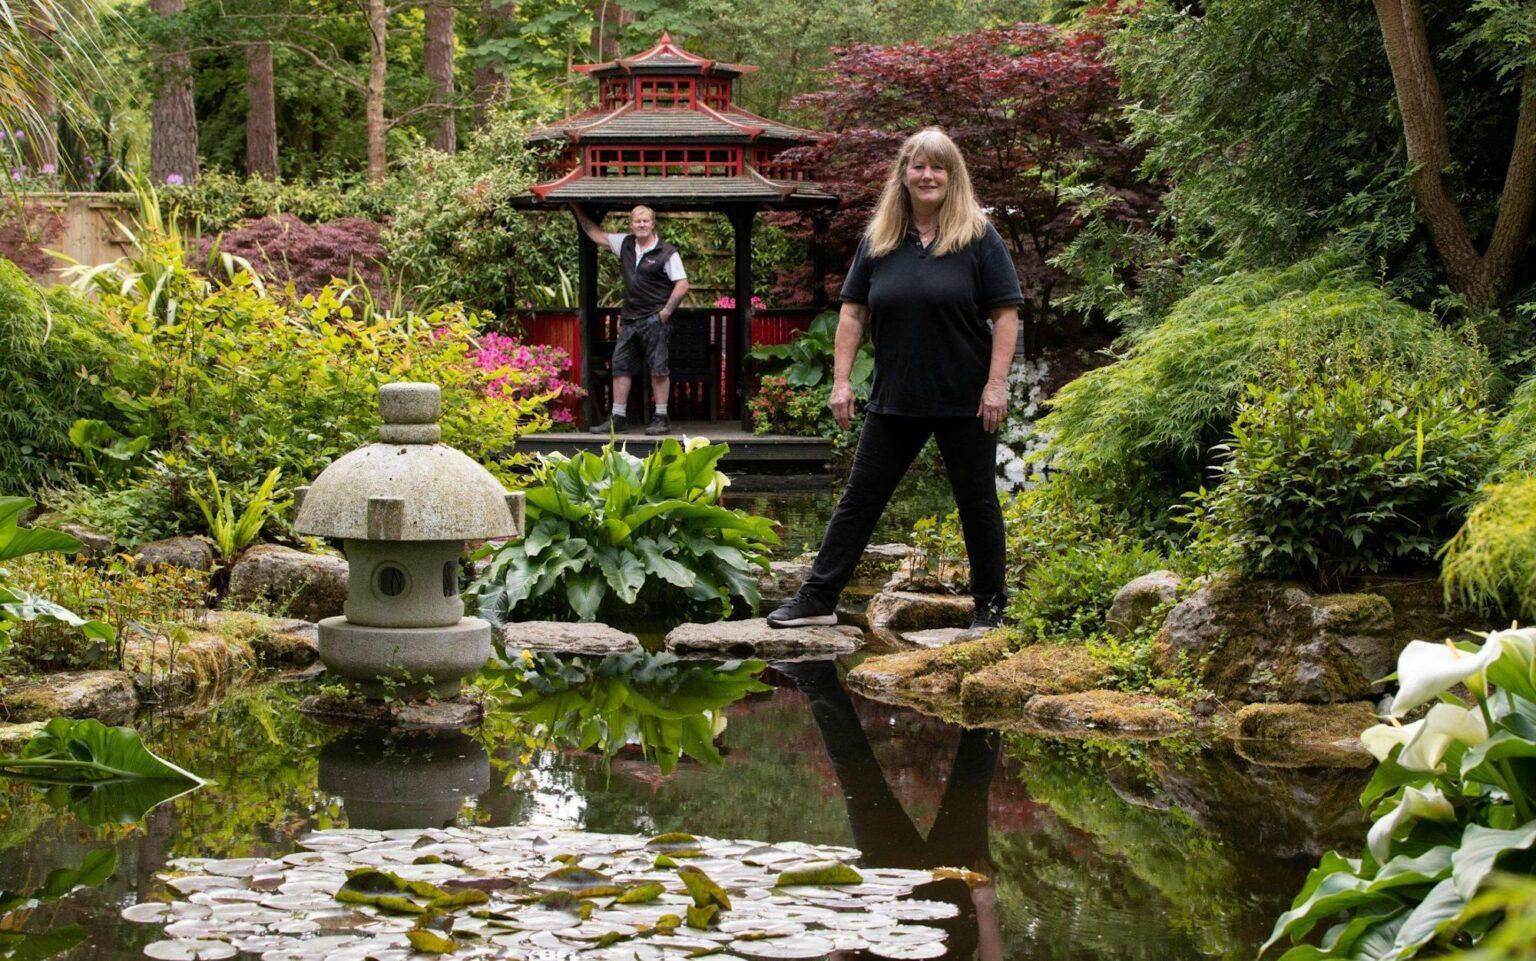 Vợ chồng ông Terry và vợ Dawn mê vườn Nhật nên tự mày mò làm cho mình trong 20 năm. Ảnh: Telegraph.